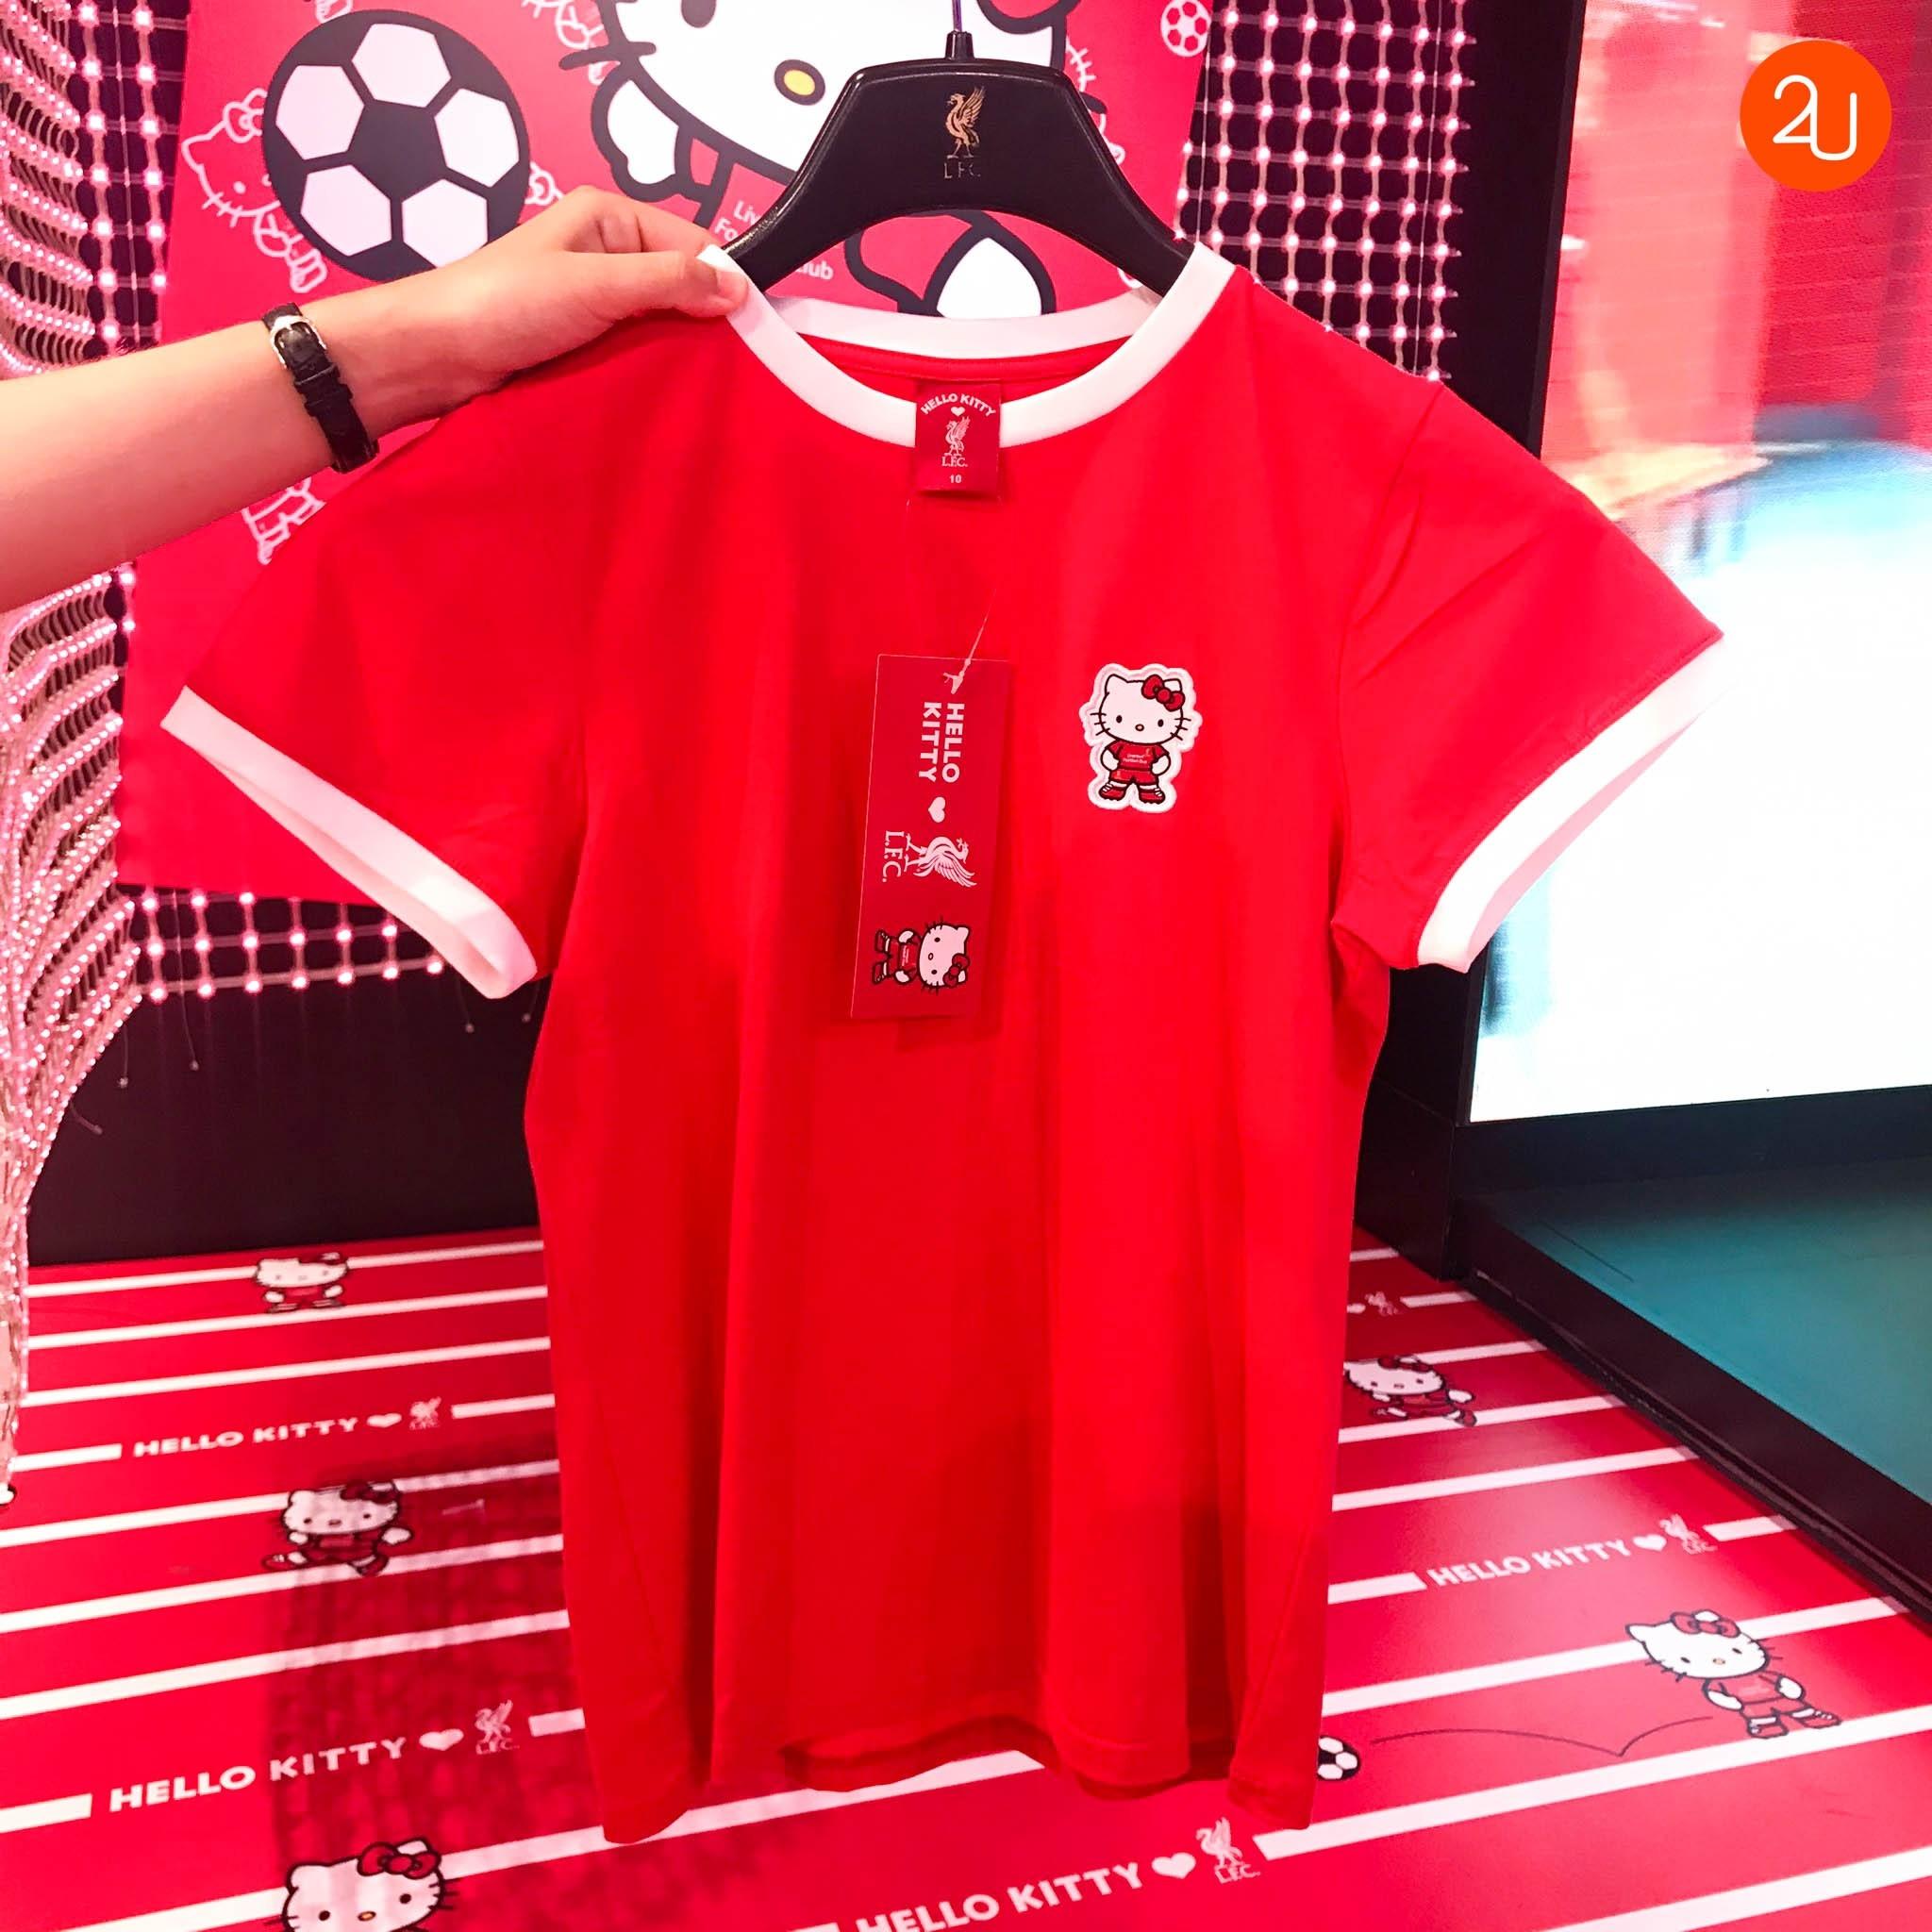 LFC Womens Hello Kitty Red Tee